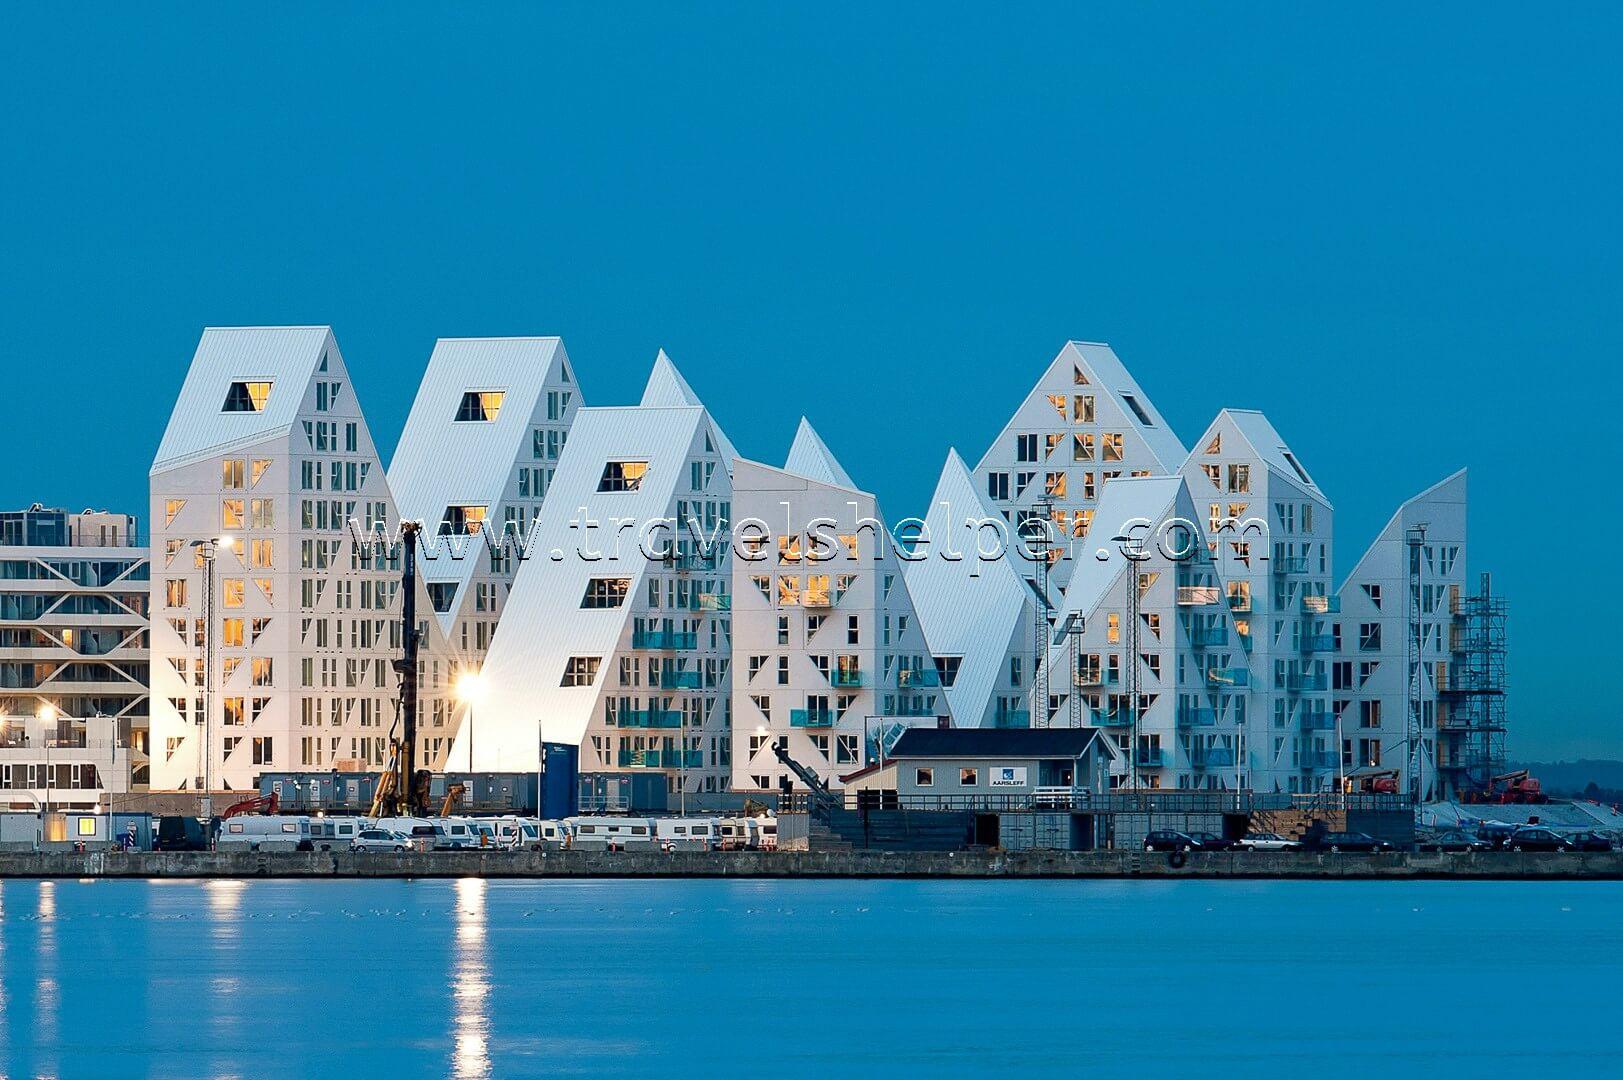 Aarhus, Denmark - 10 WONDERFUL CITIES IN EUROPE THAT TOURISTS OVERLOOK